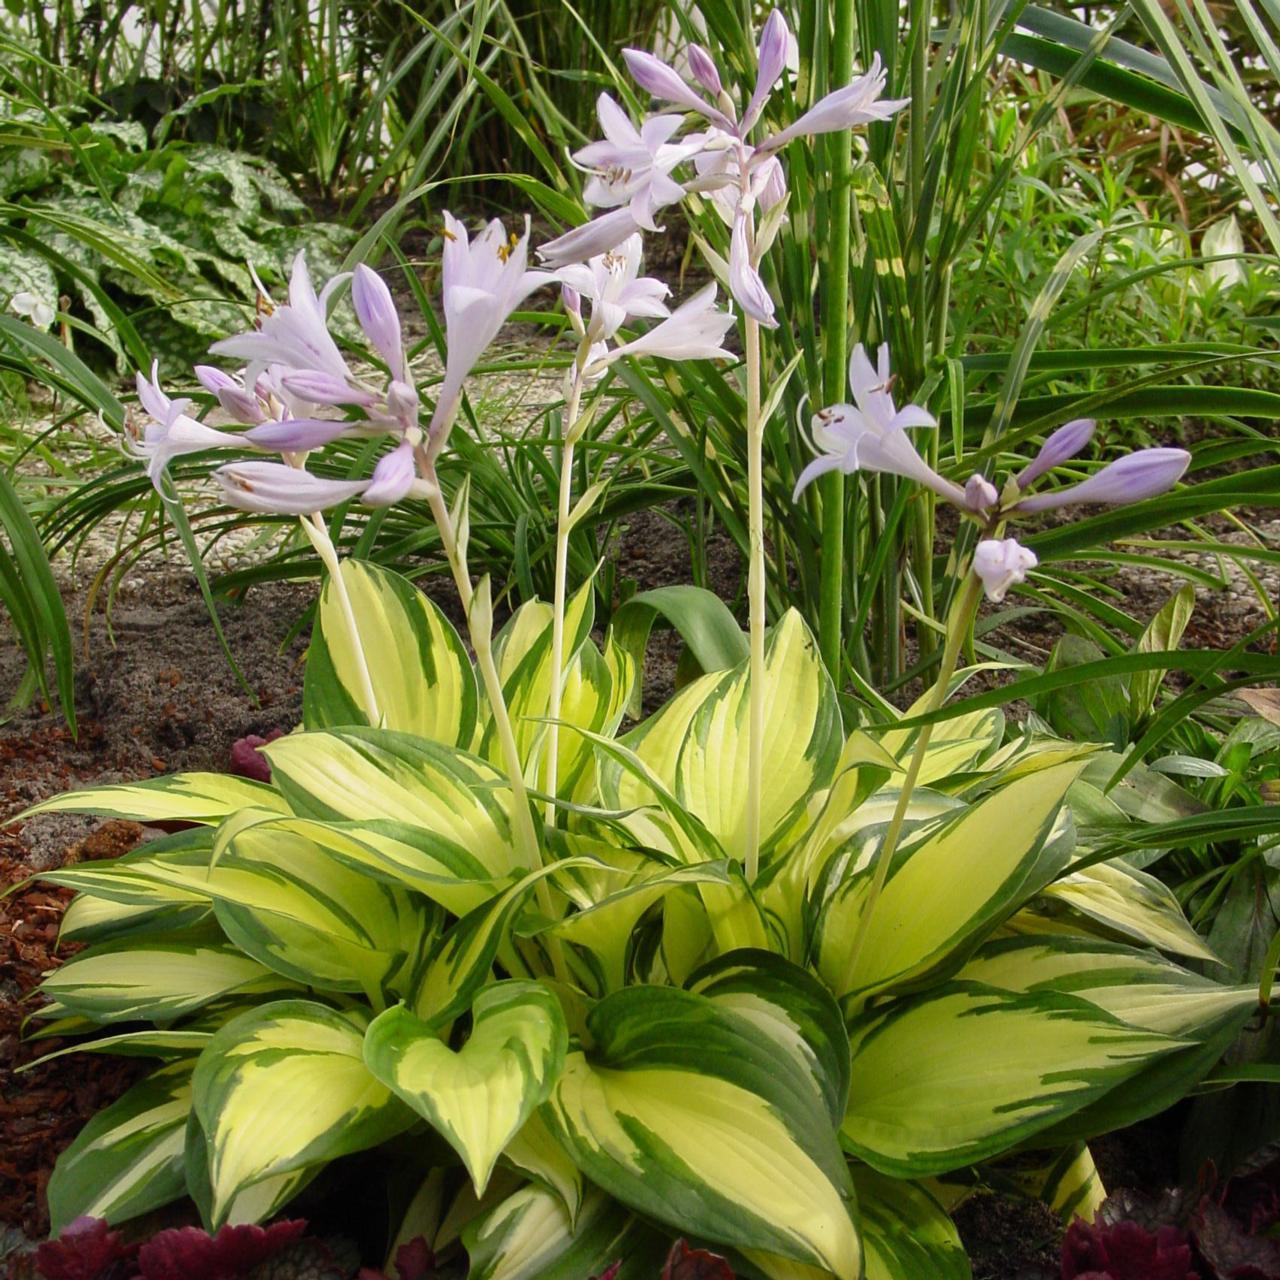 Hosta 'Morning Light' plant